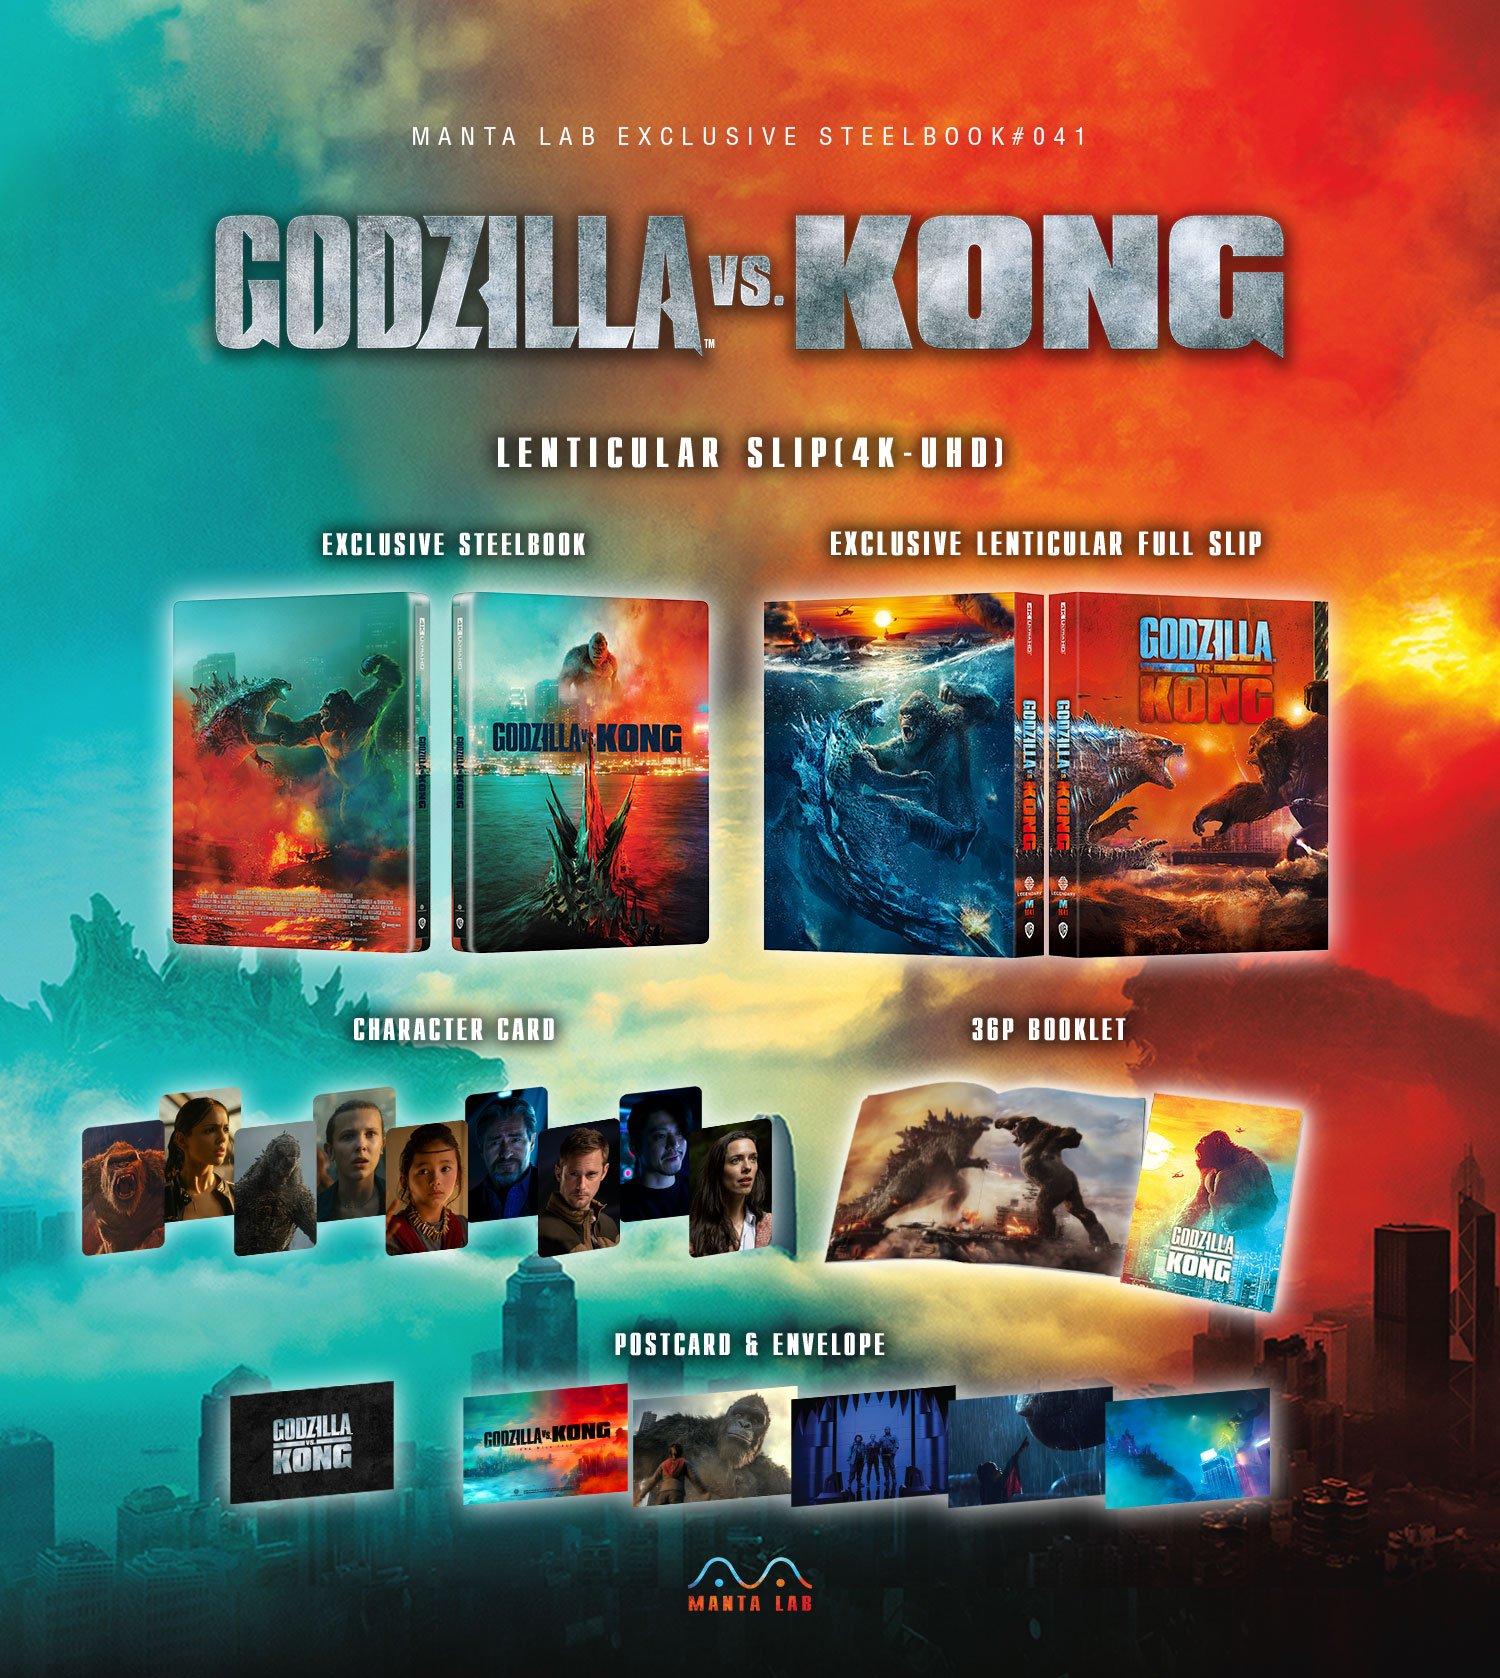 Godzilla vs. Kong ゴジラvsコング Manta Lab スチールブック Collectong steelbook